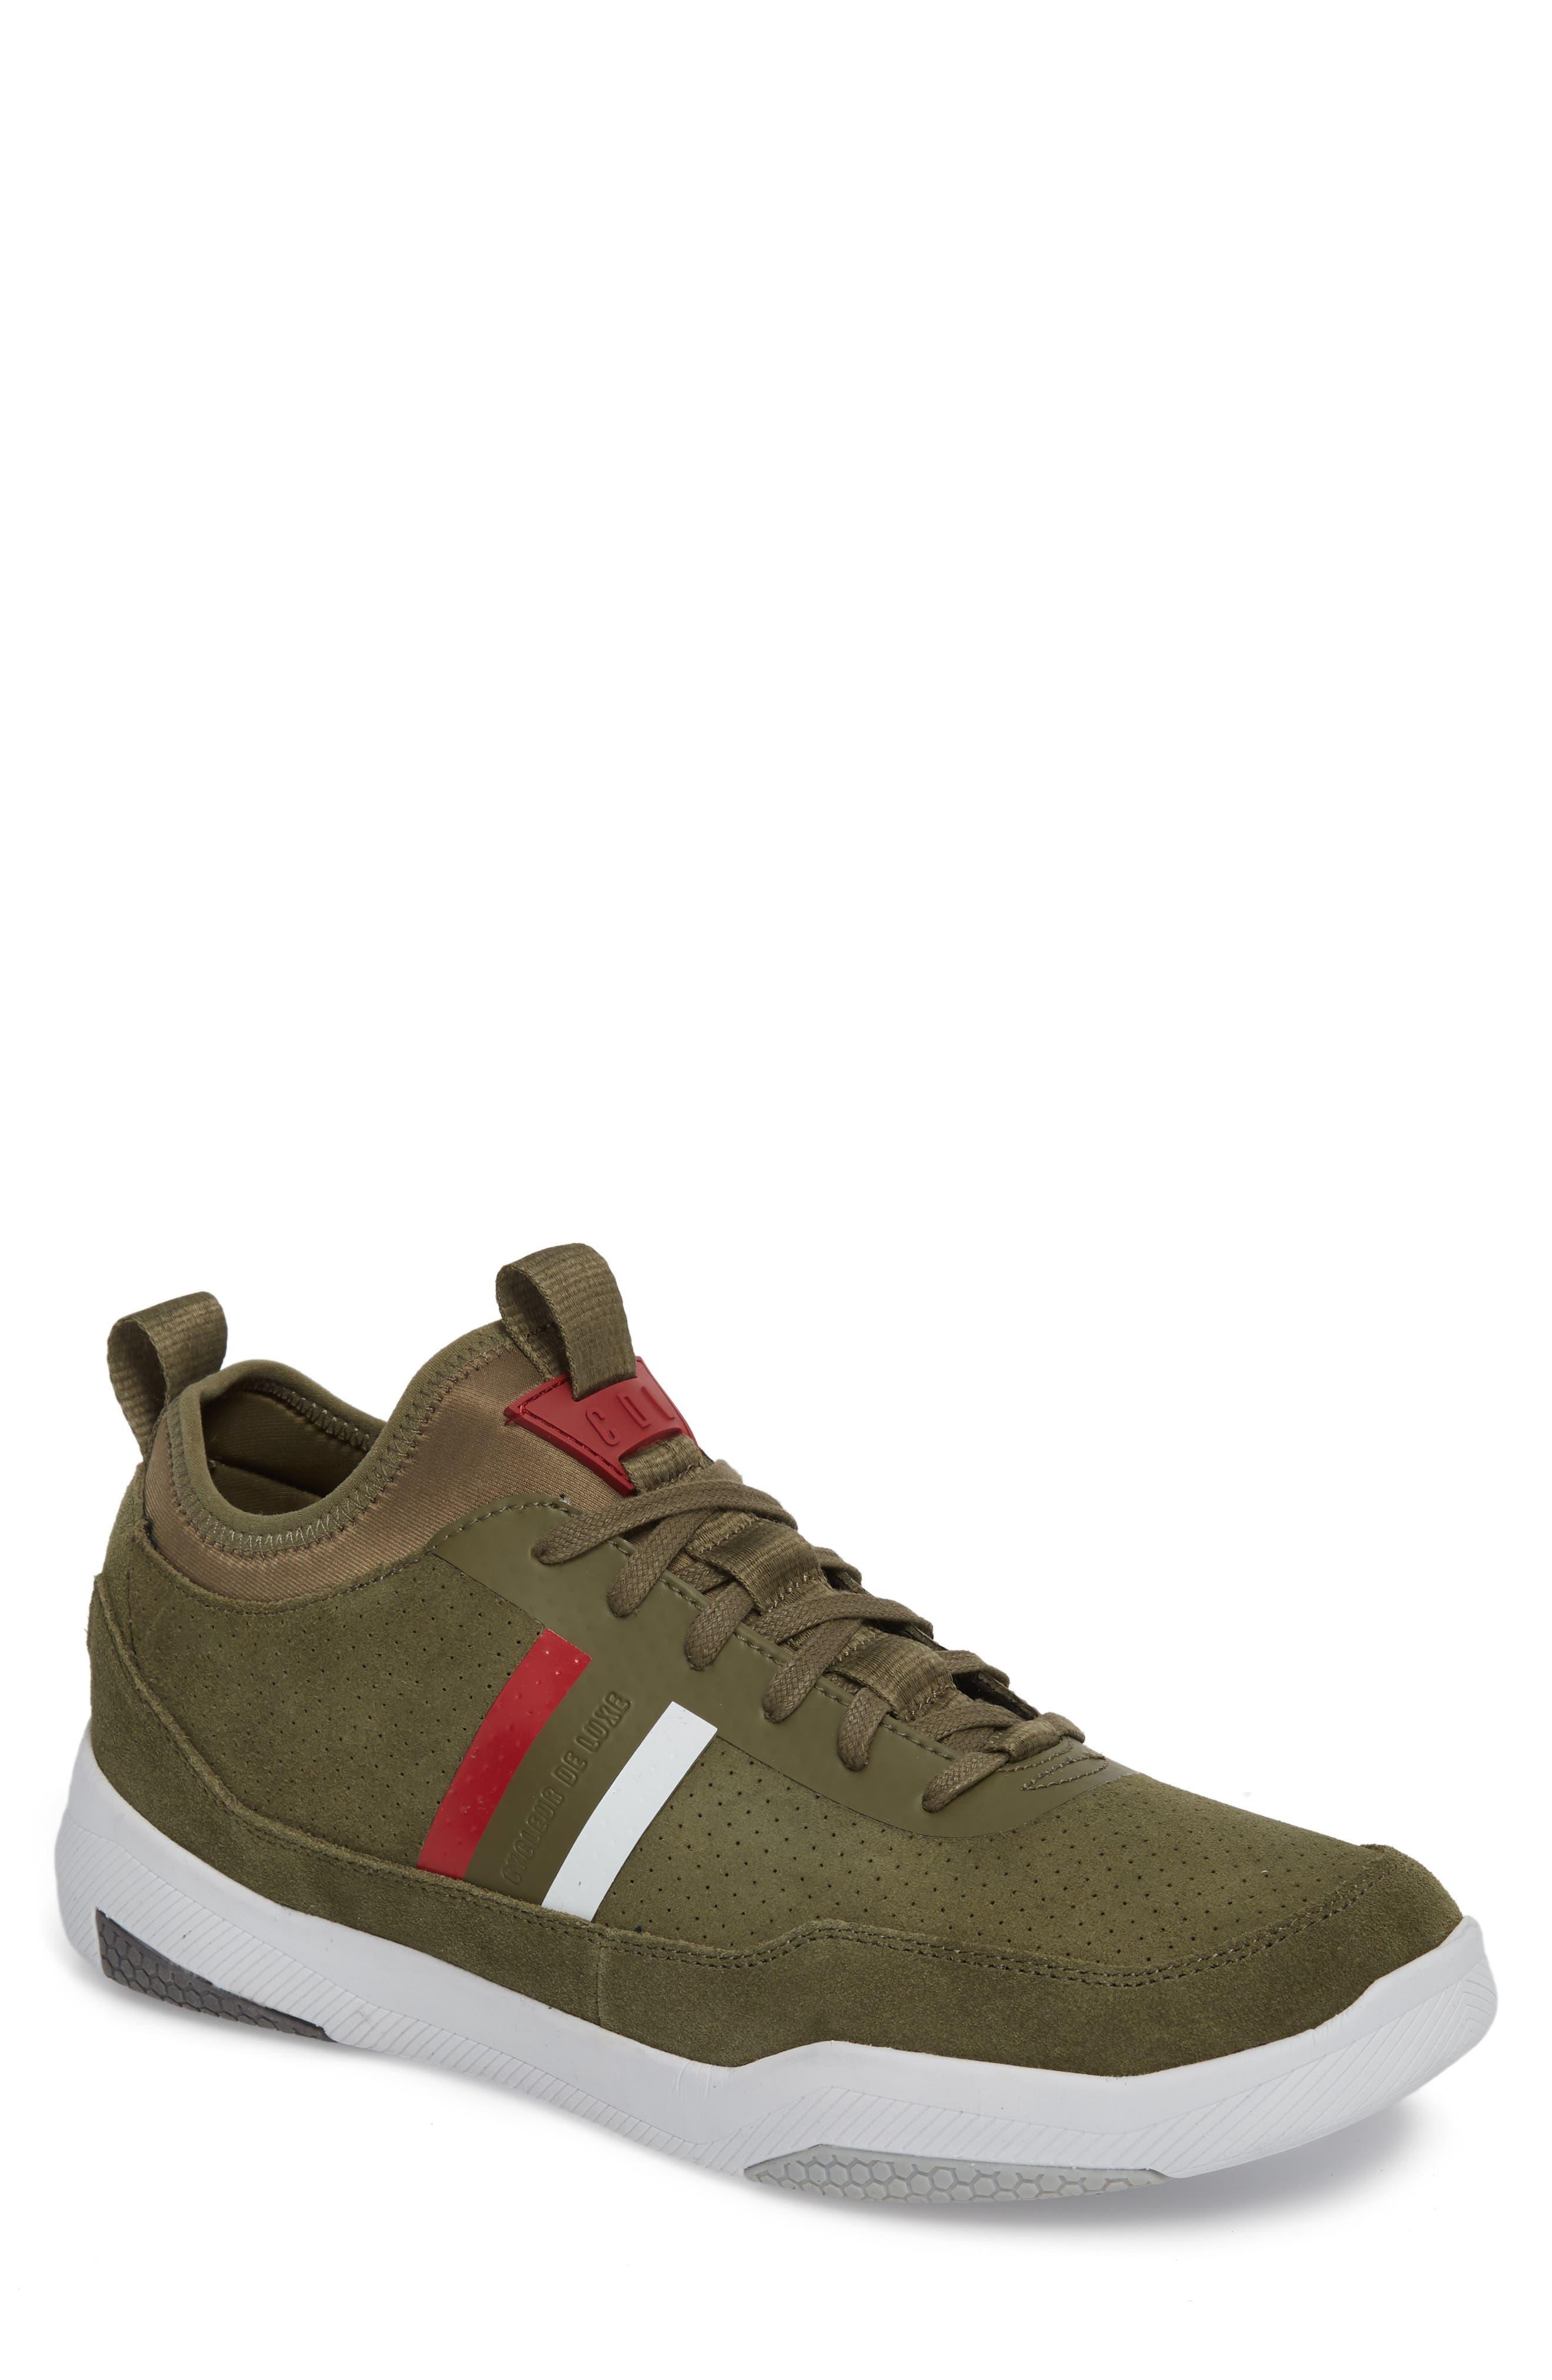 Shiro Hi Sock Fit Sneaker,                         Main,                         color, Military Green Suede